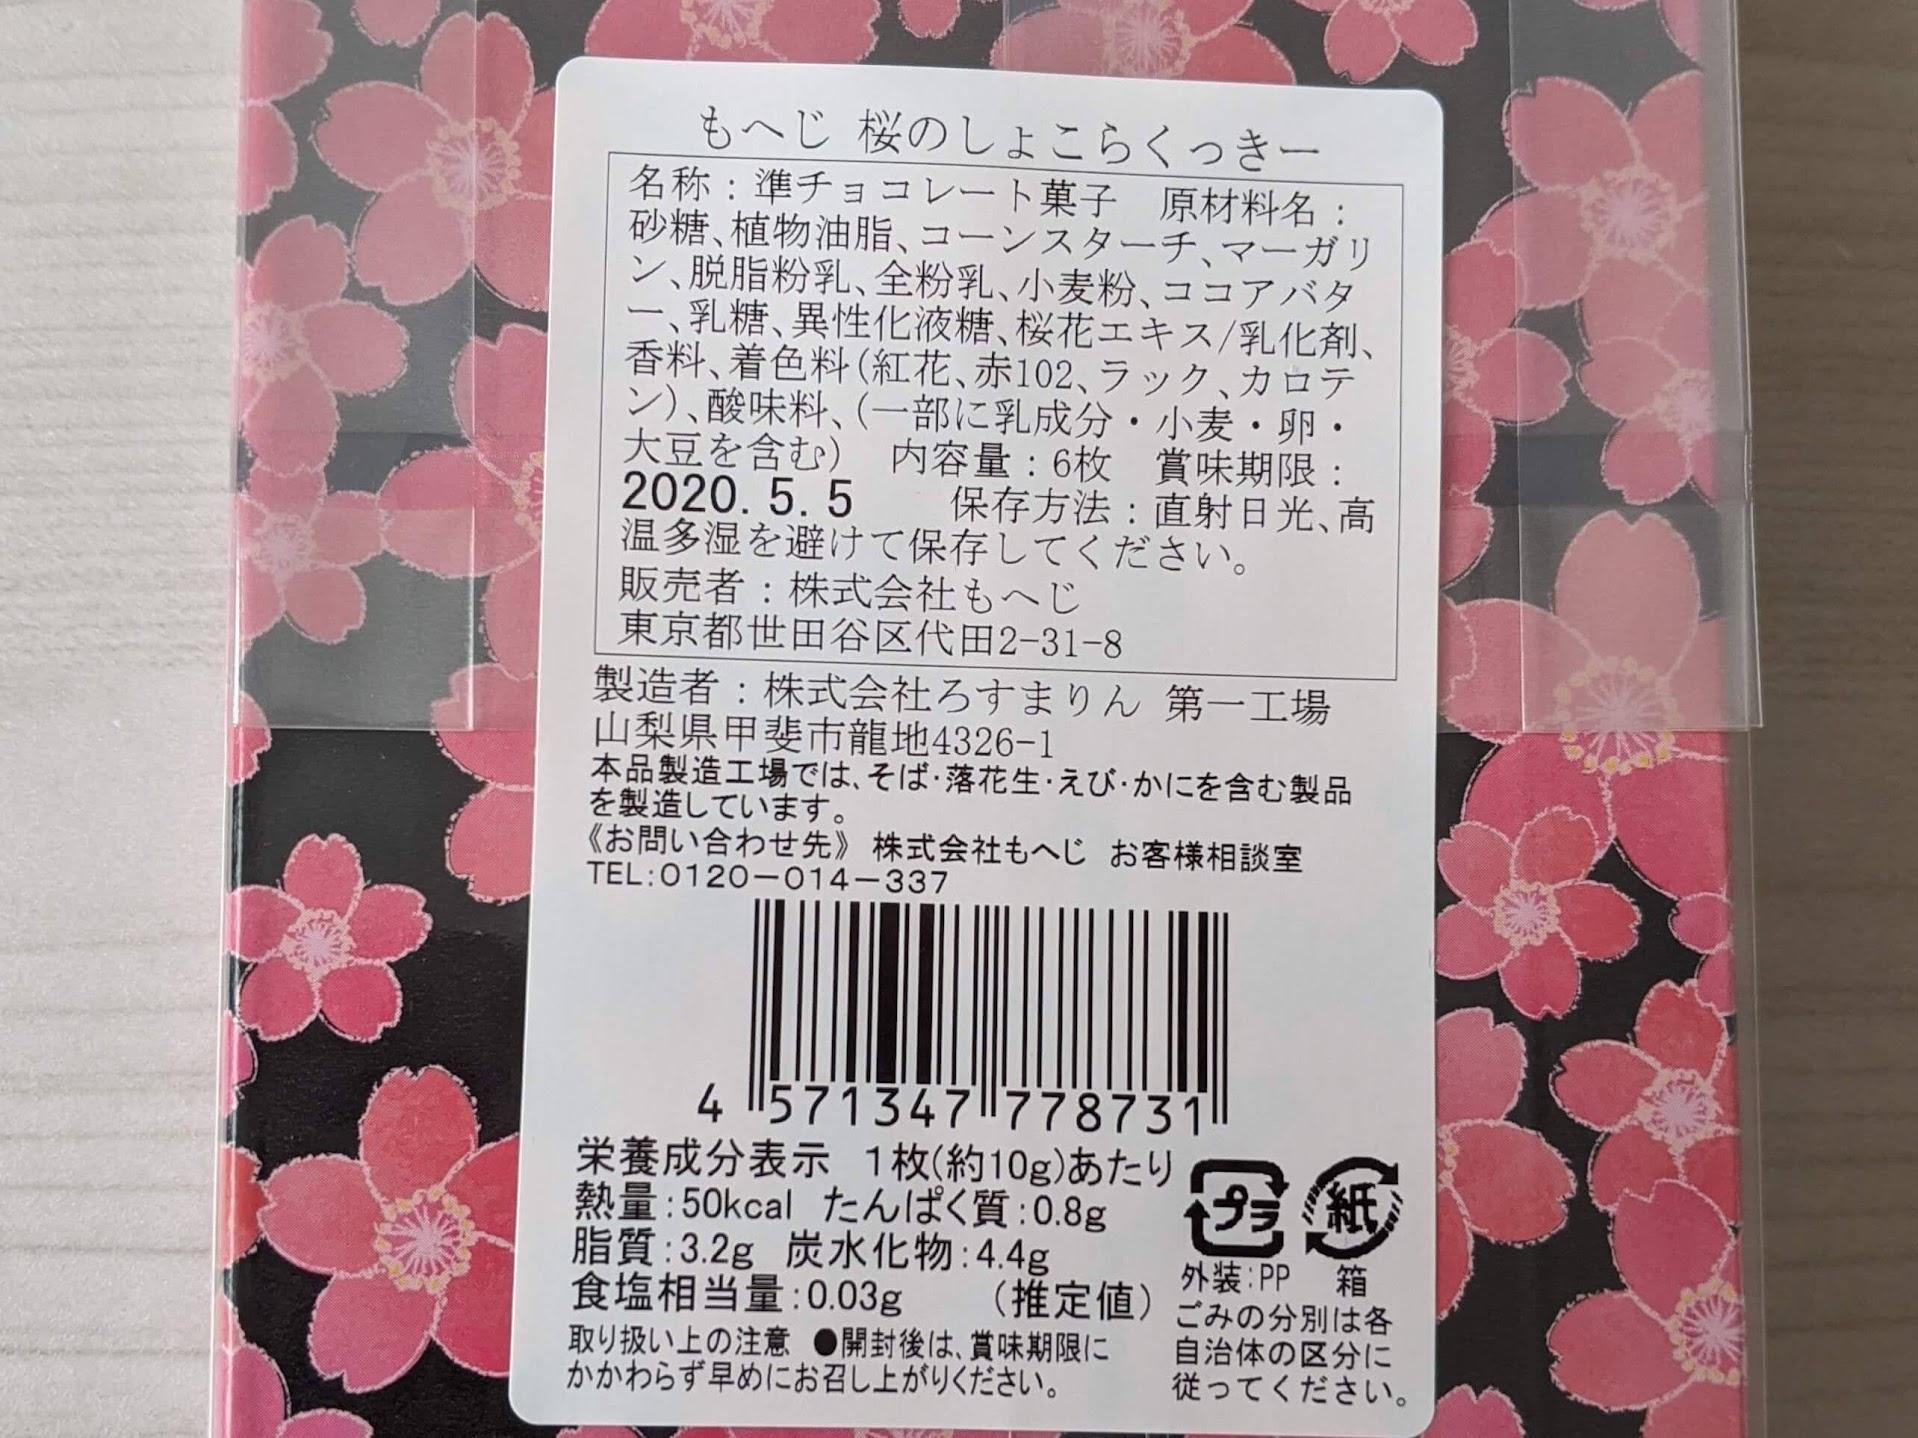 カルディ もへじ 桜のしょこらくっきー 栄養成分表示